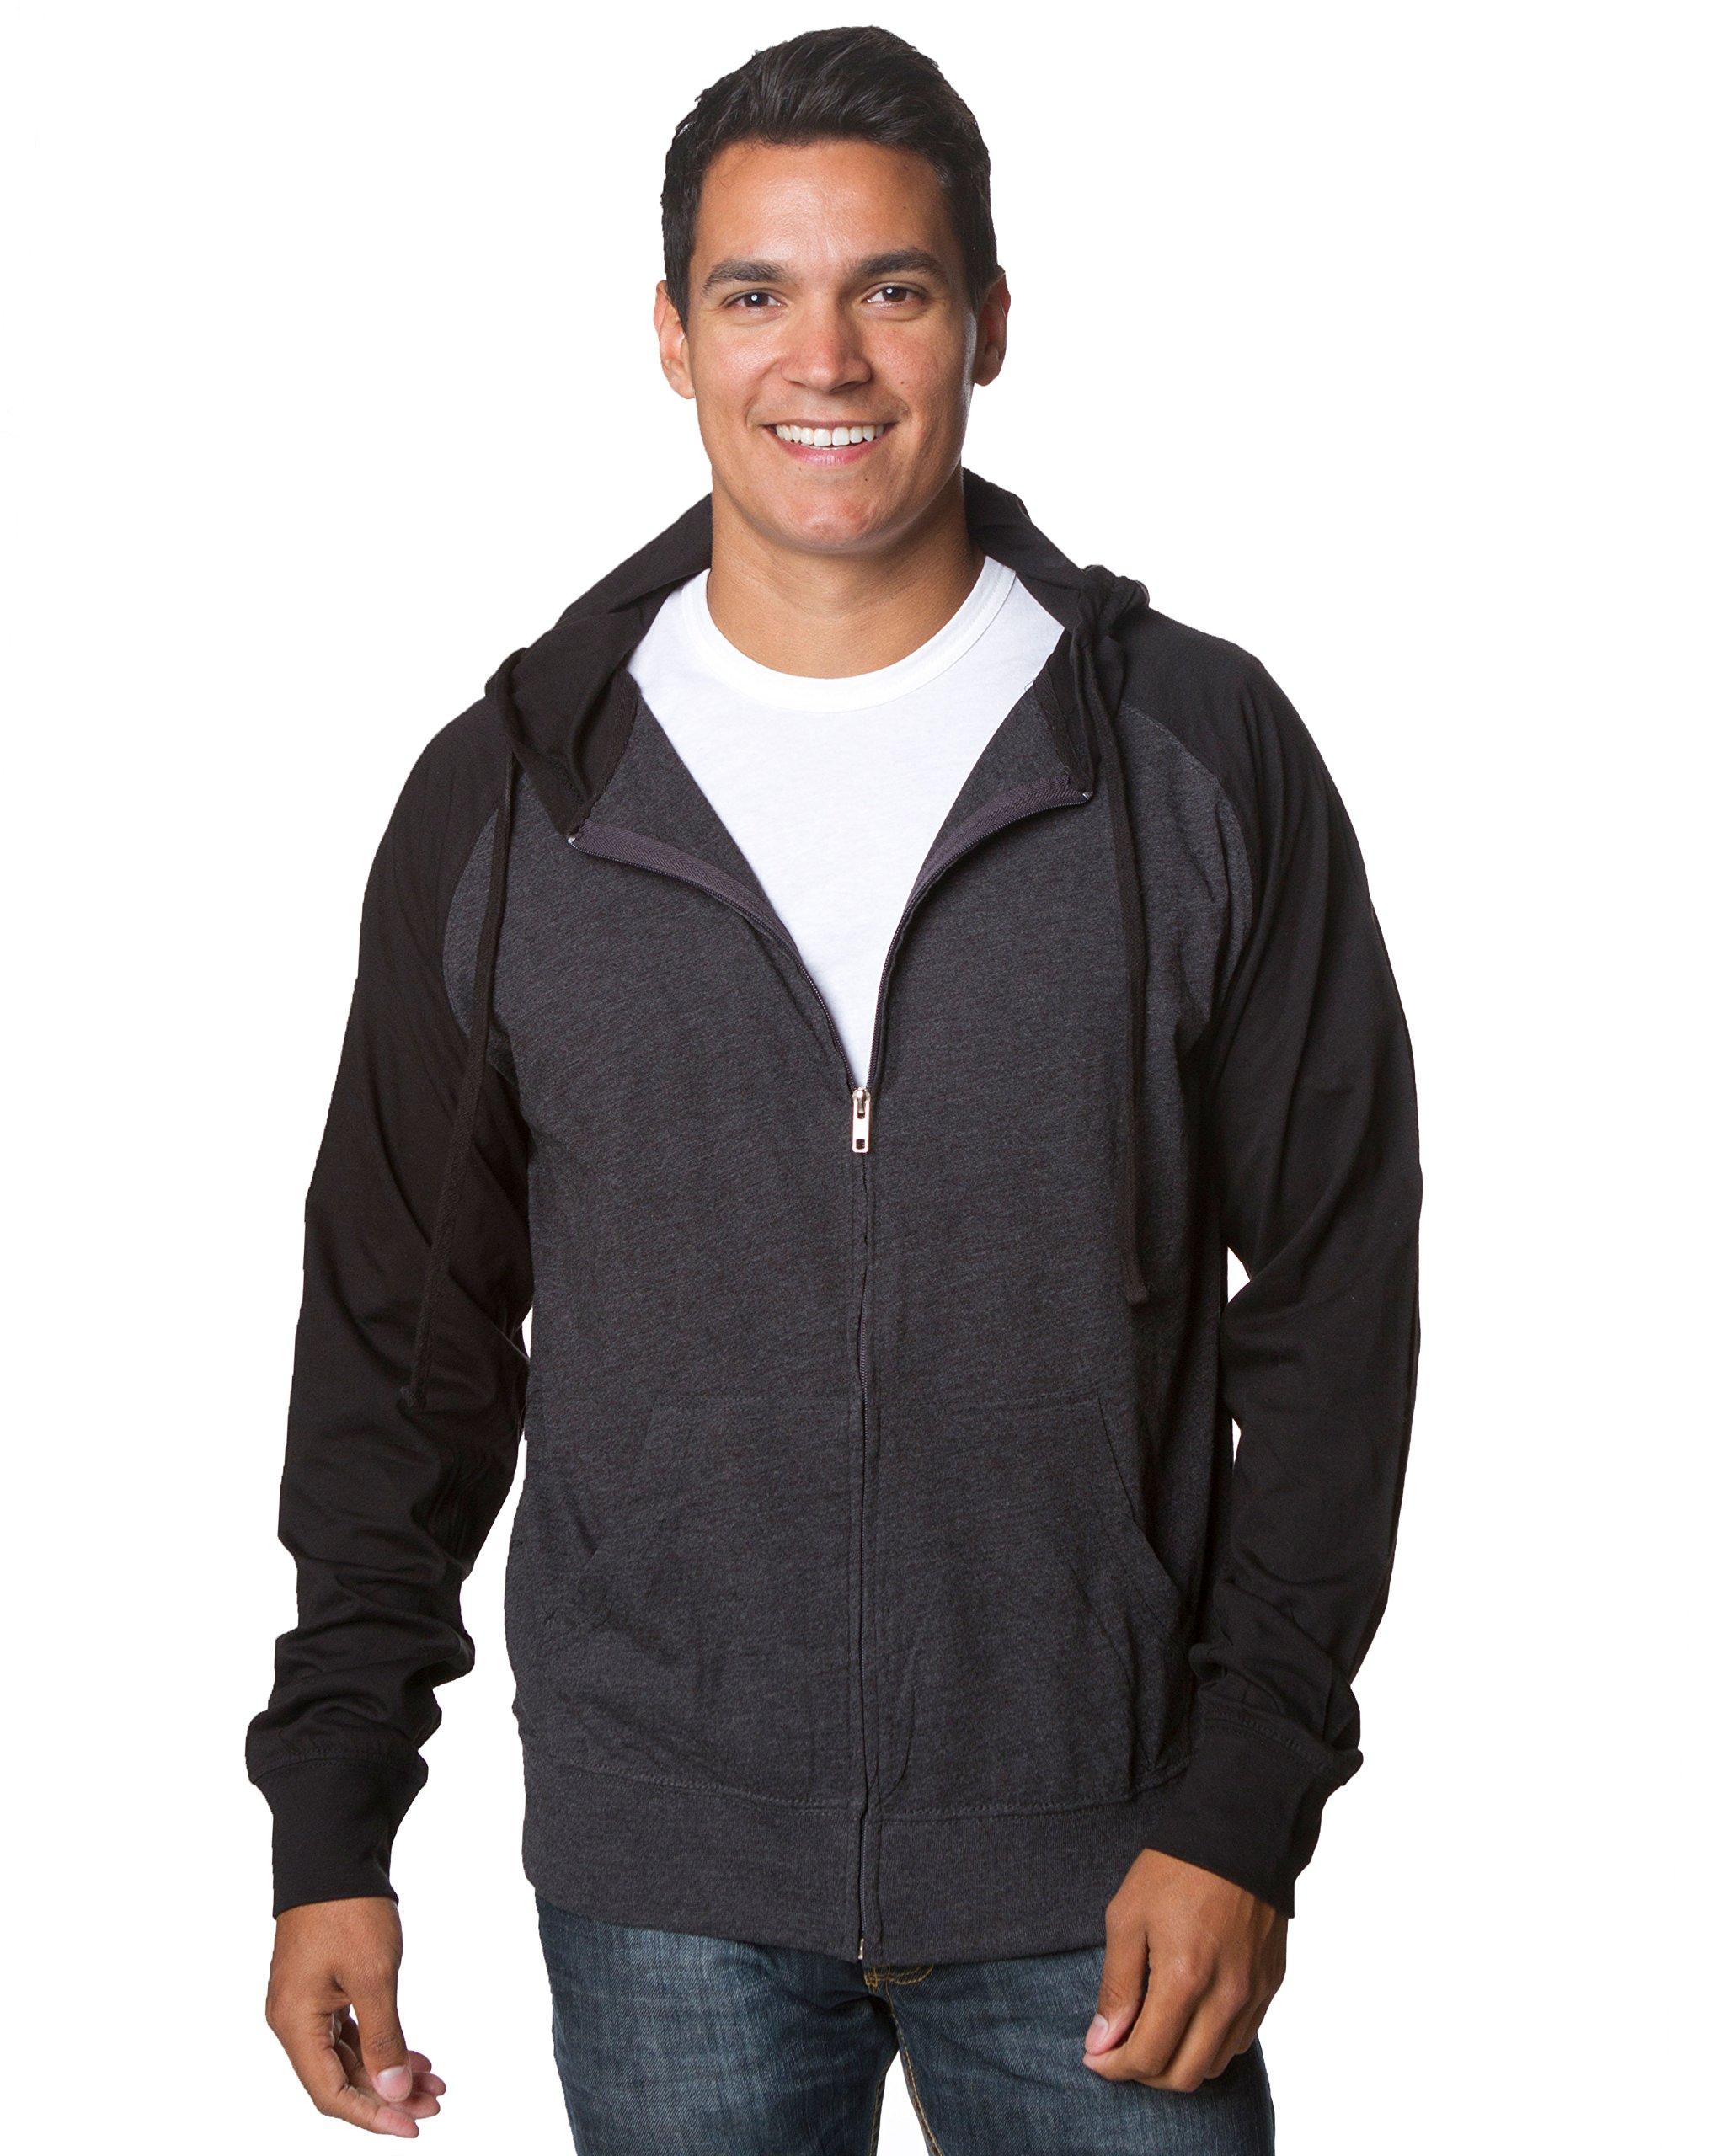 Global Men's Lightweight T-Shirt Jersey Full Zip up Hoodie Hooded Sweatshirt